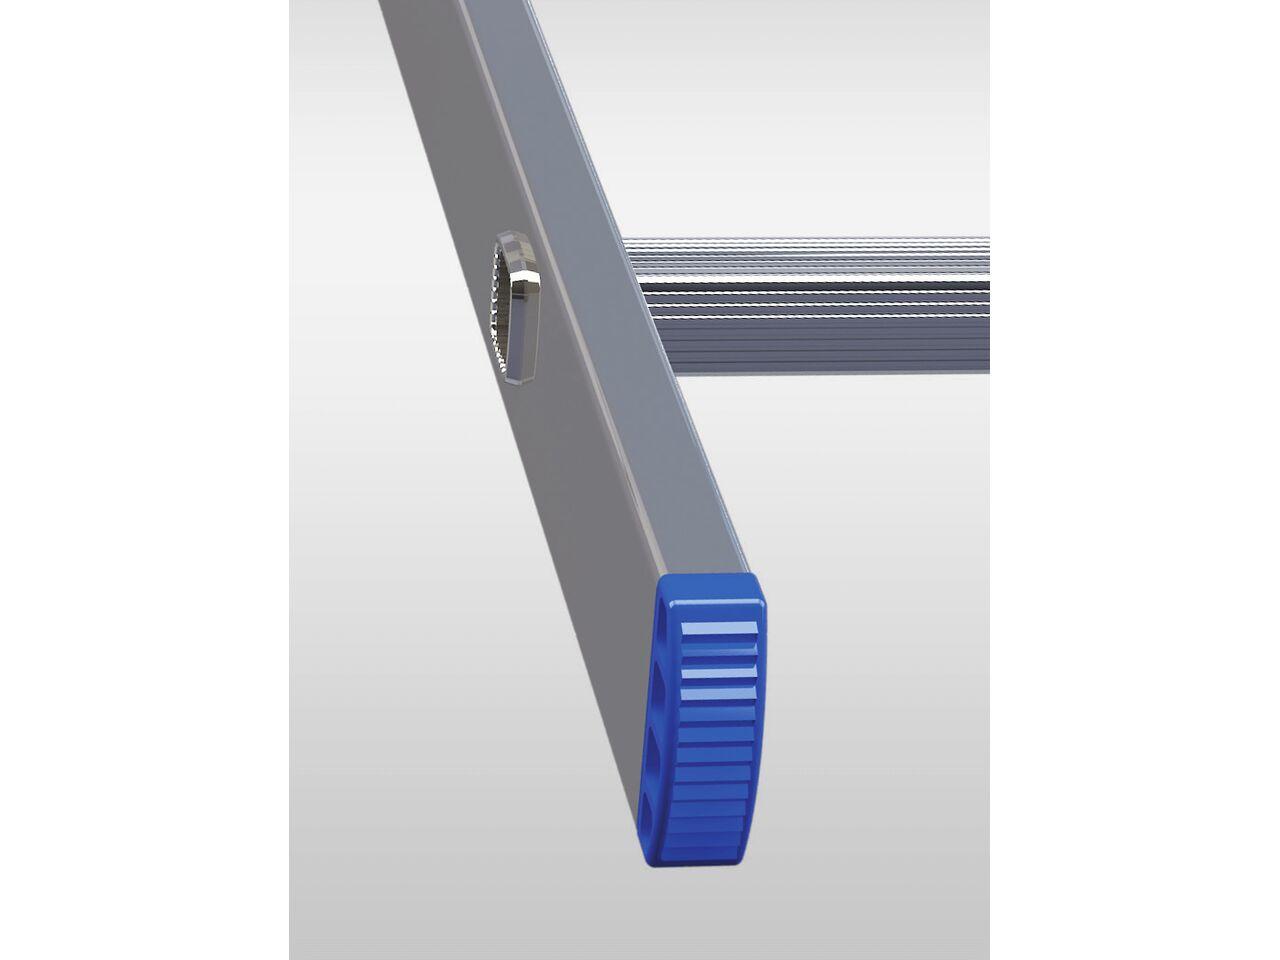 Односекционная алюминиевая лестница ELKOP VHR 1x16 HK